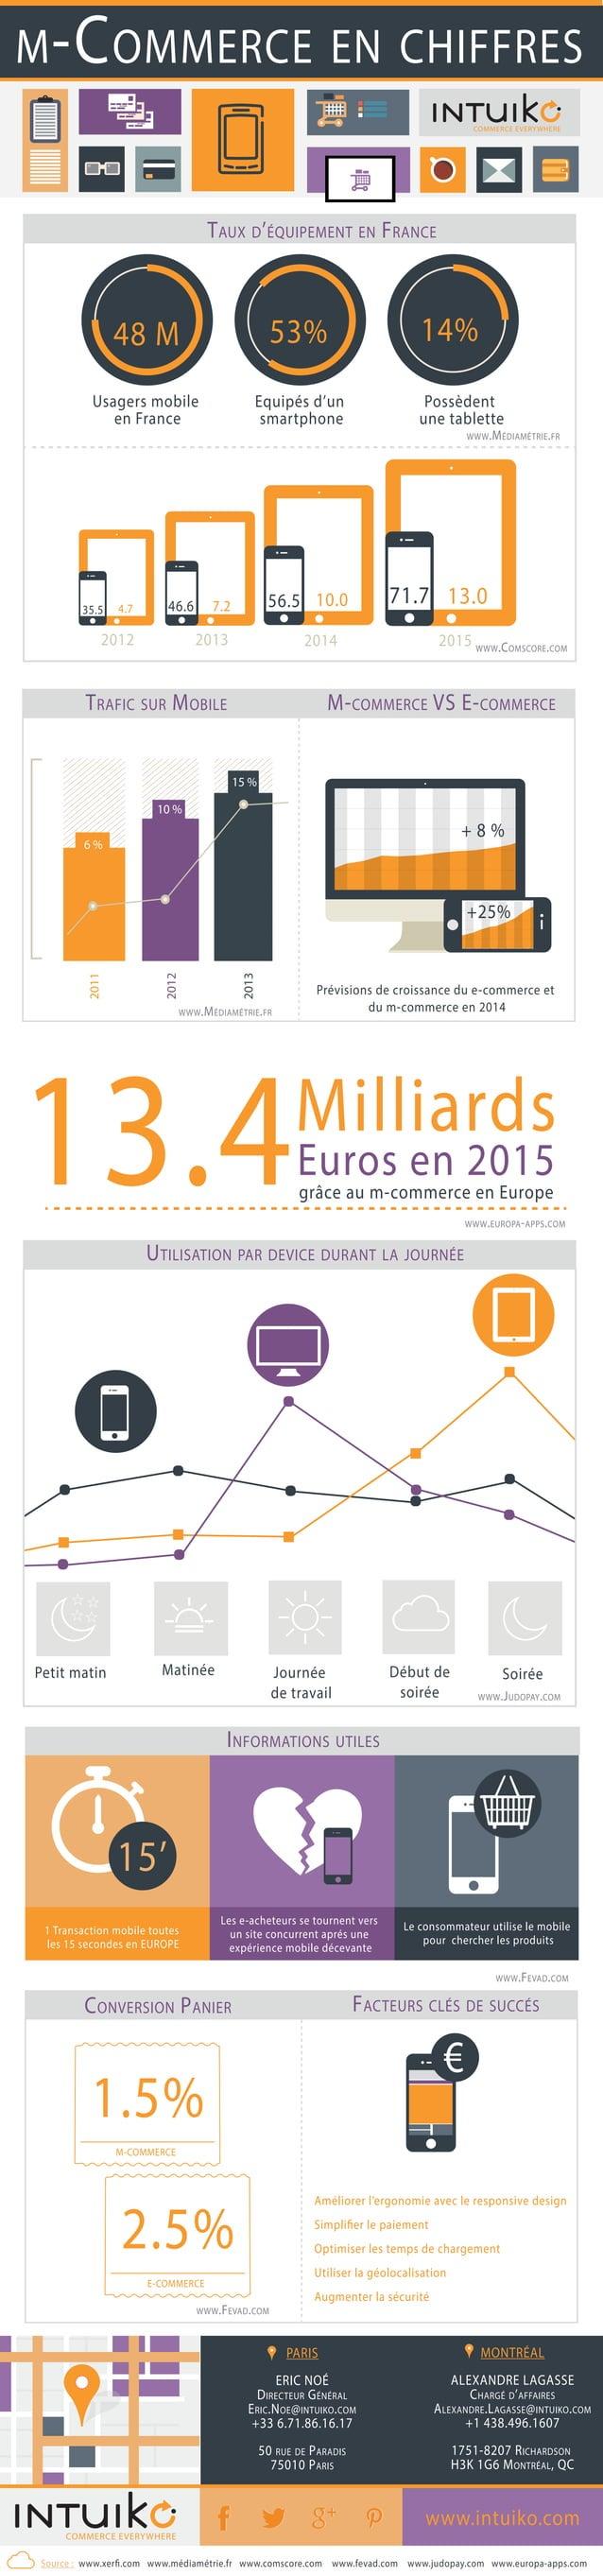 Equipés d'un smartphone Usagers mobile en France Possèdent une tablette 53%48 M 14% TAUX D'ÉQUIPEMENT EN FRANCE 35.5 46.6 ...